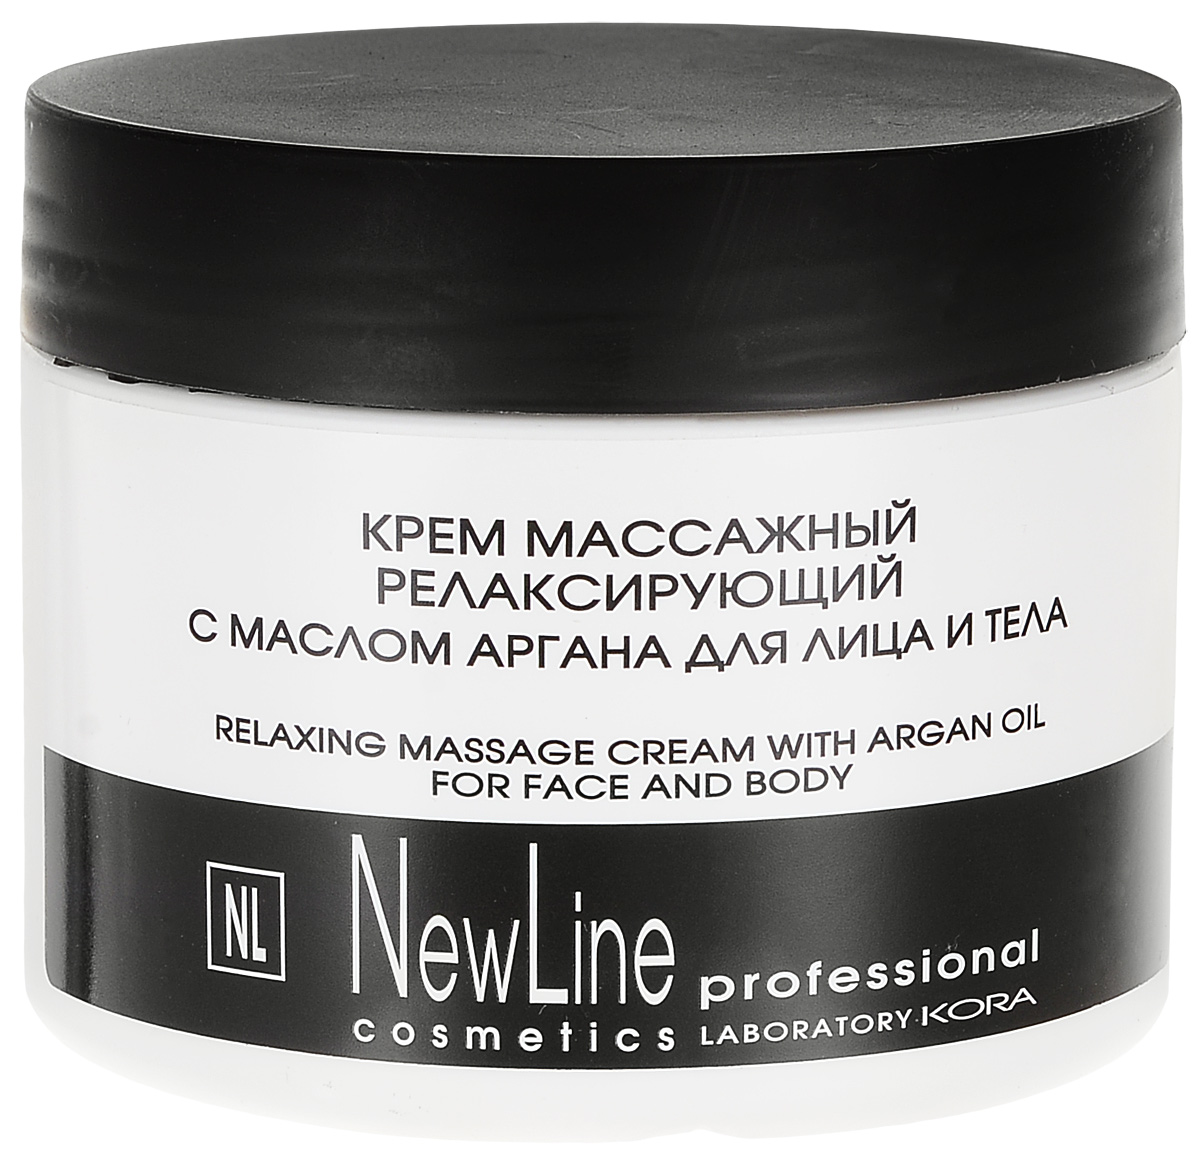 New Line Крем массажный релаксирующий с маслом аргана, 300 мл24804Предназначен для профессионального массажа лица и тела. Оказывает успокаивающее, увлажняющее действие, питает и смягчает кожу, делает ее более эластичной, не закупоривает поры. Оптимальная формула для чувствительной кожи.Обладает выраженными скользящими свойства-ми, что позволяет провести полноценный и комфортный массаж.